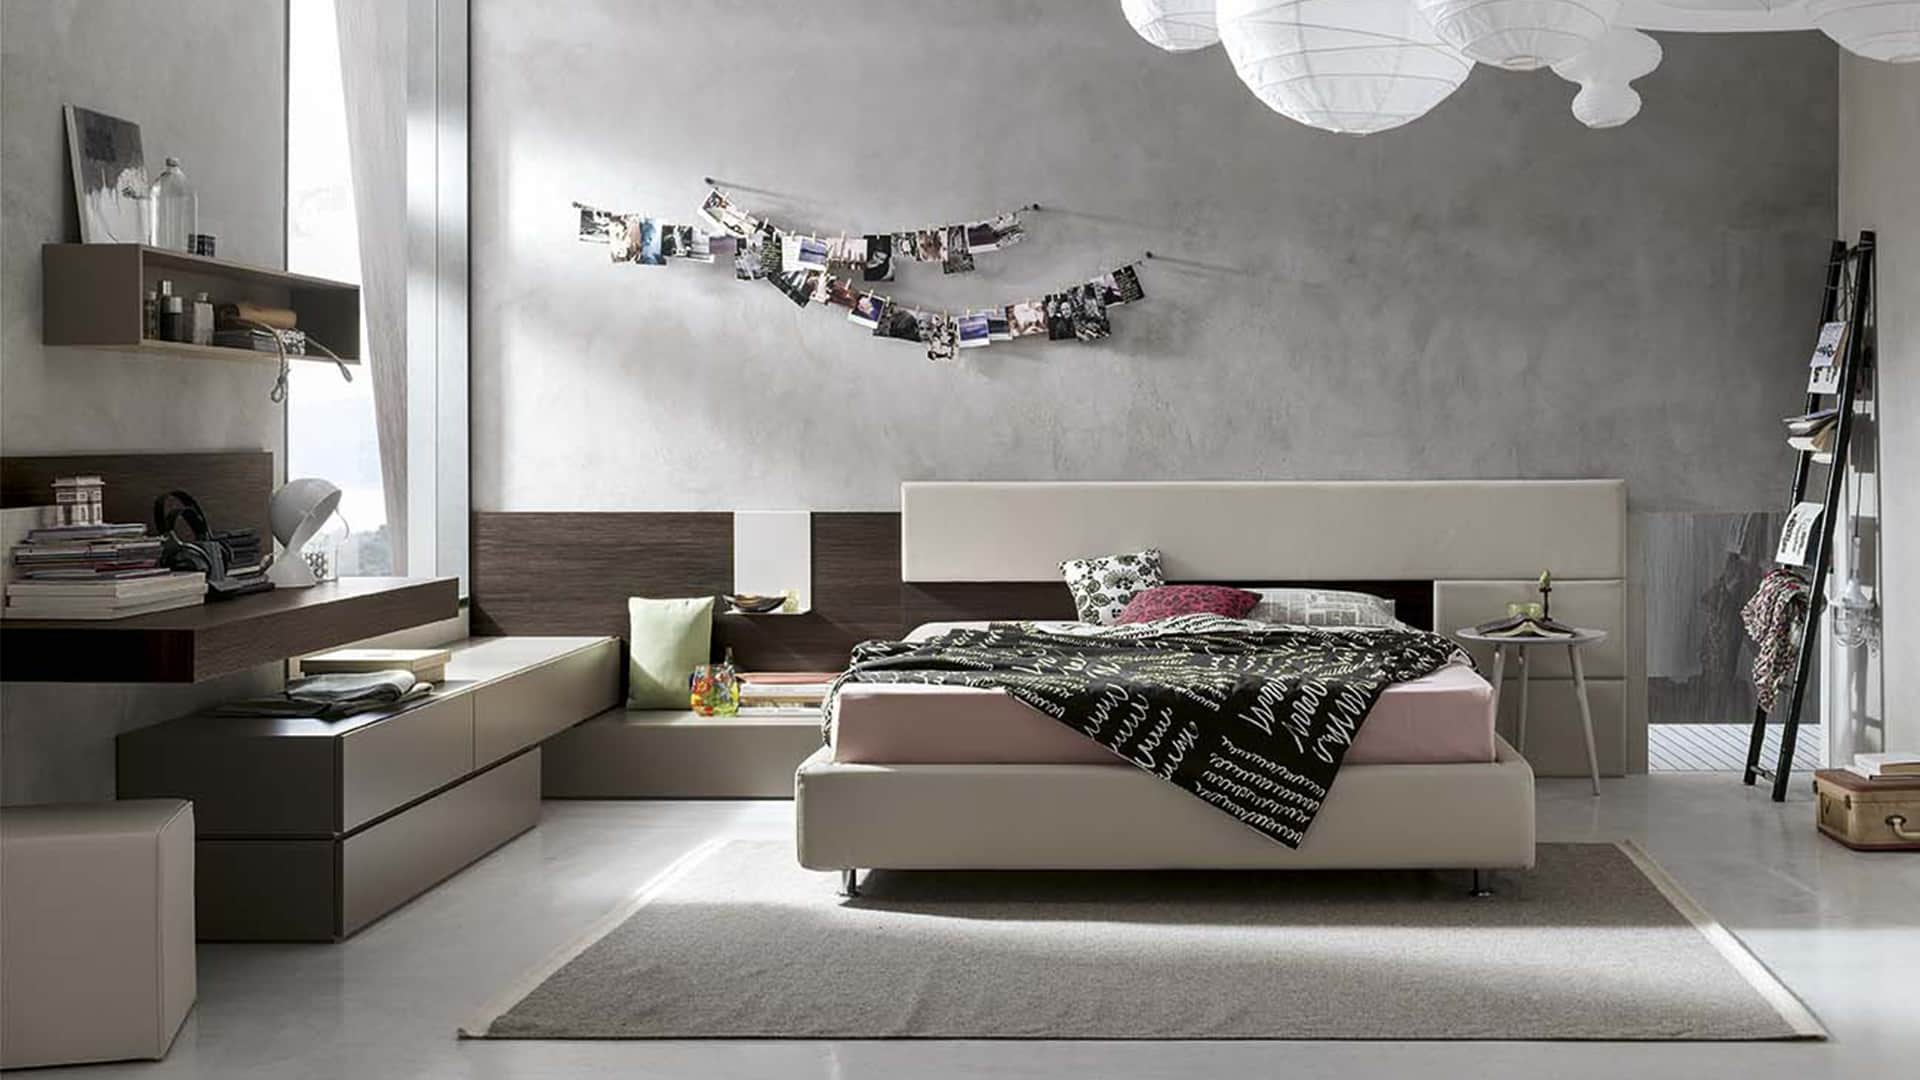 Arredamento per camere da letto a padova for Camera letto mobili